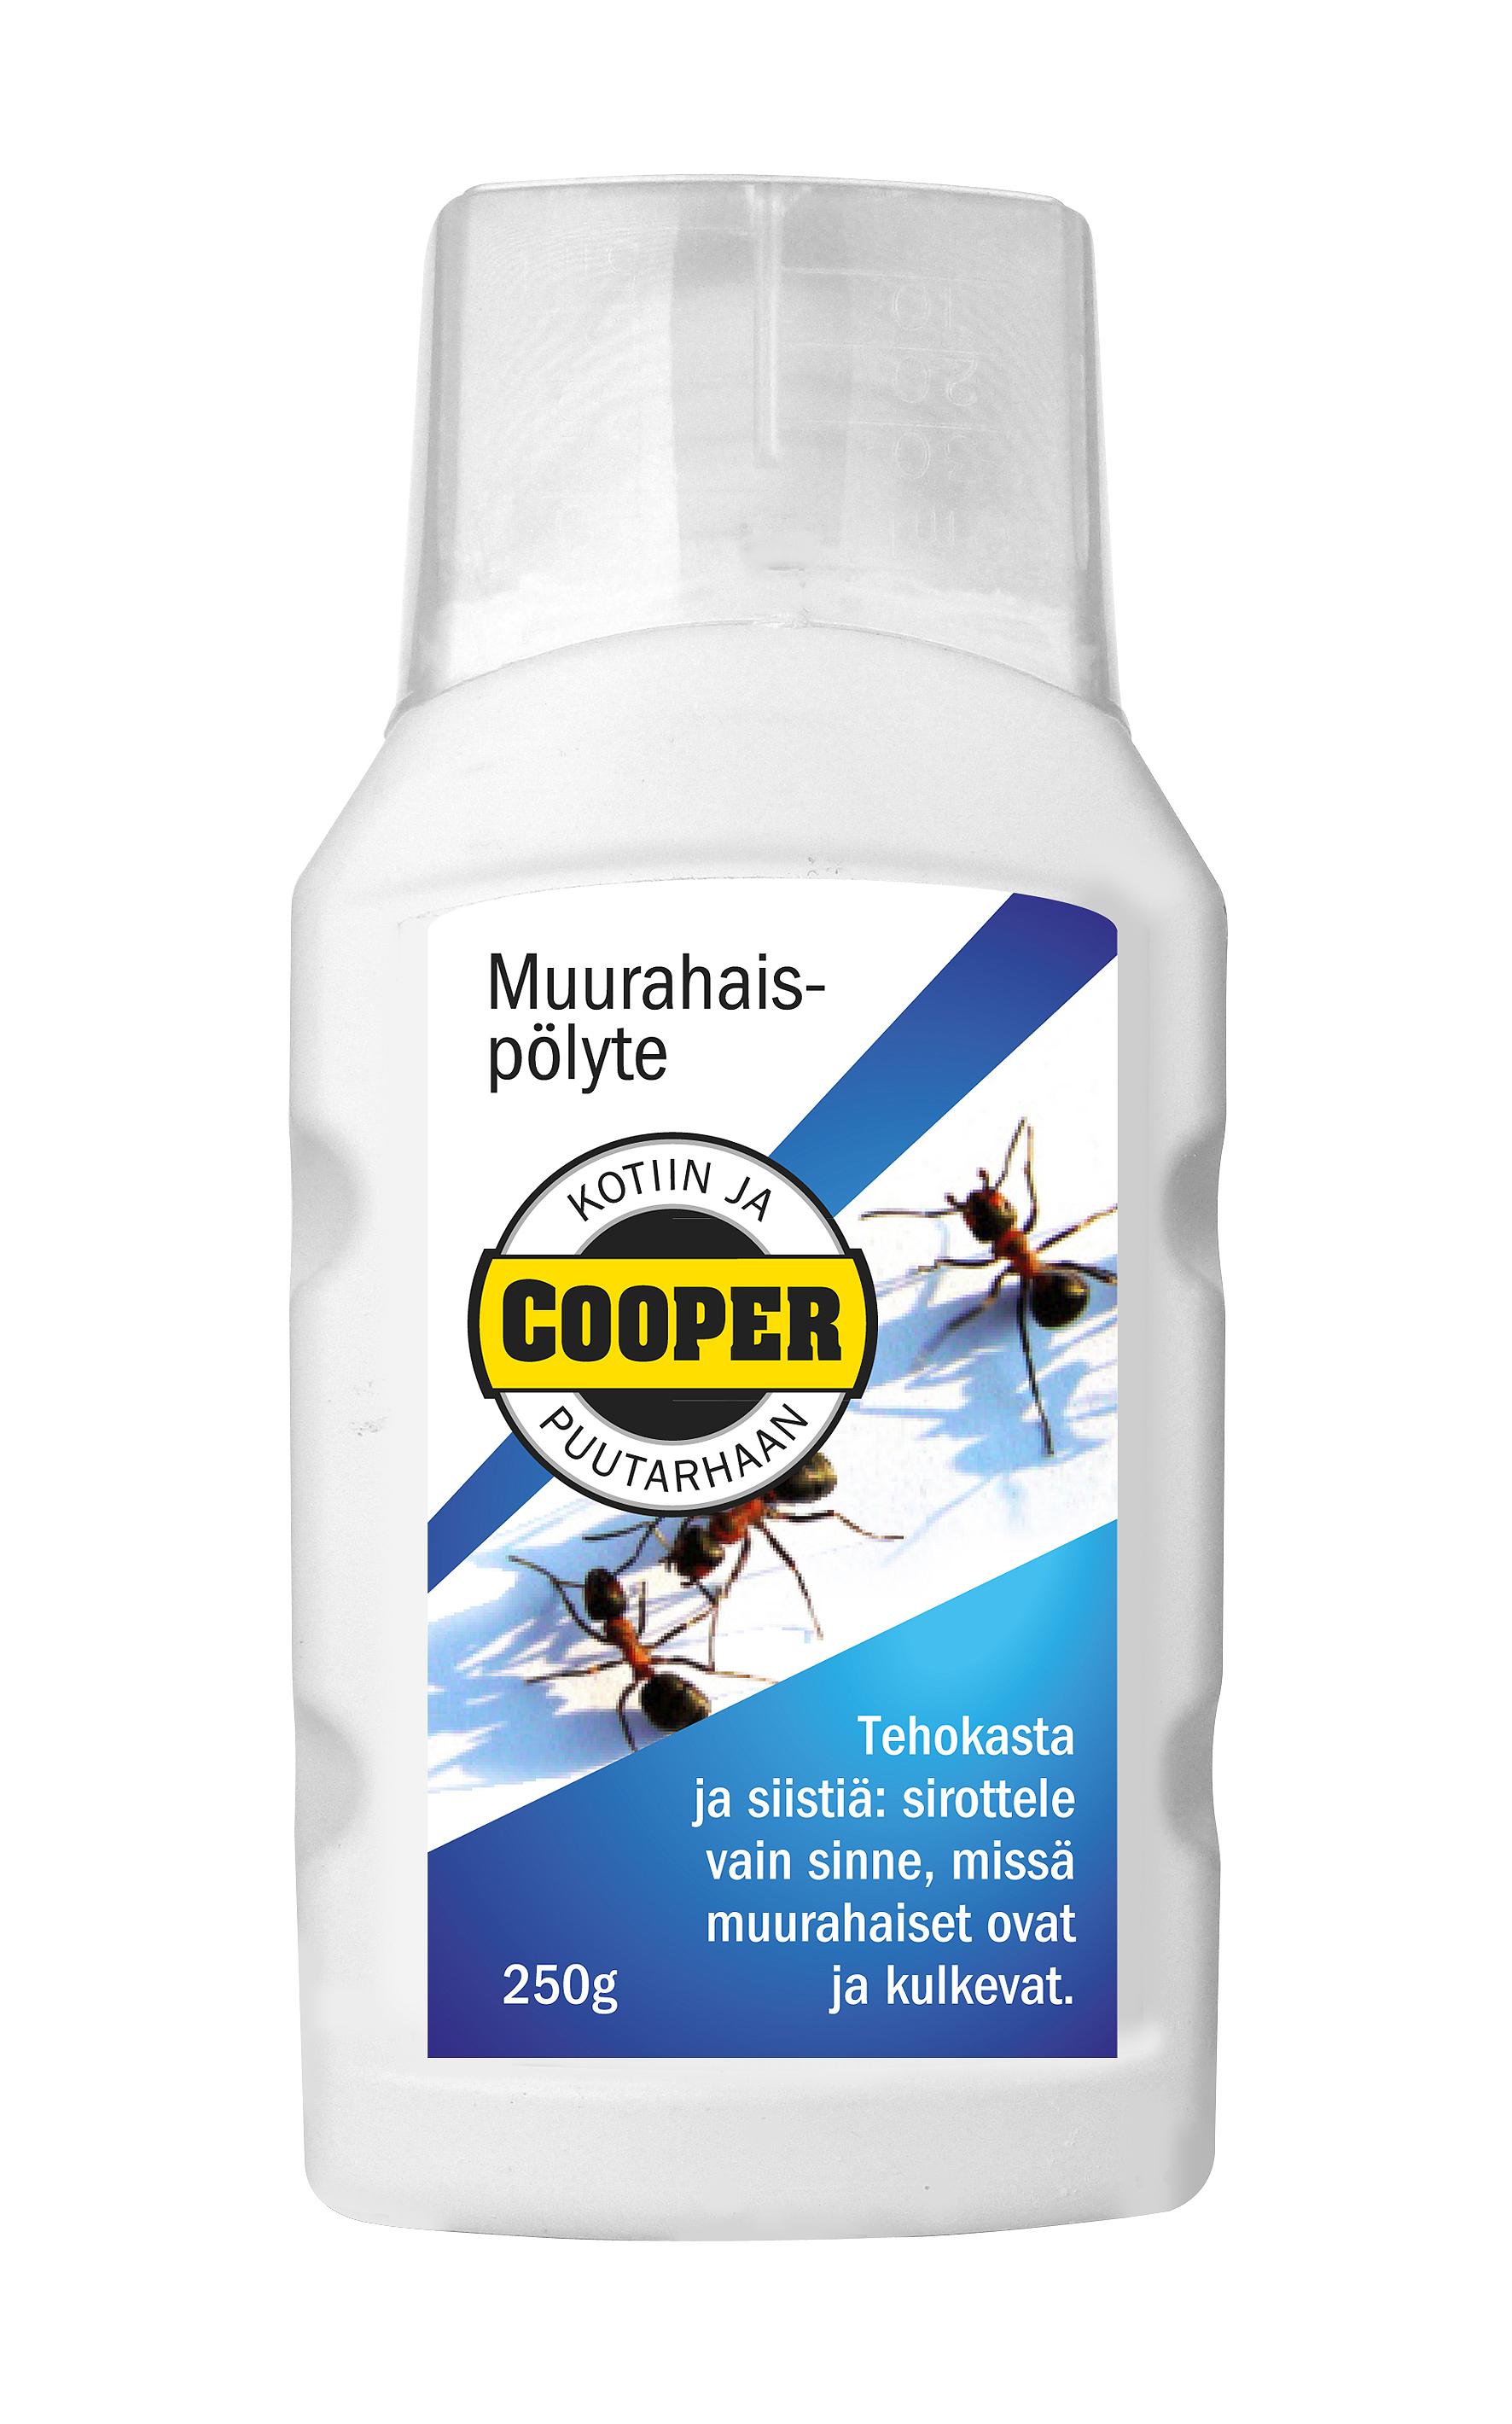 Cooper muurahaisrasia 4 kpl